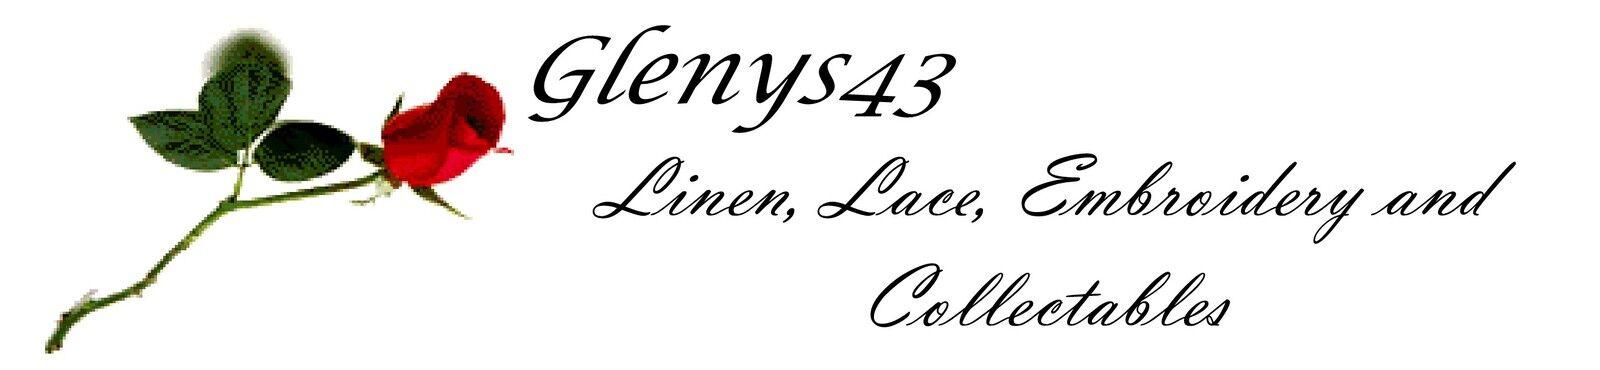 Glenys43